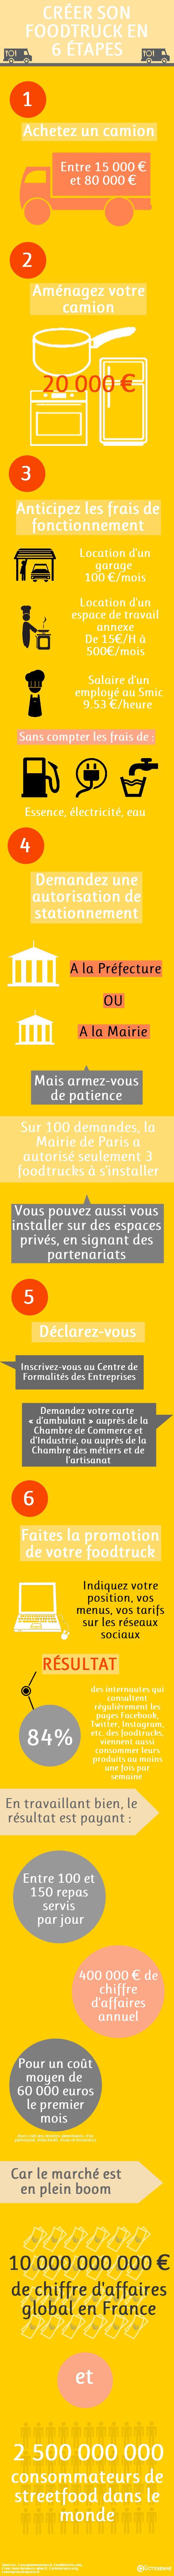 [INFOGRAPHIE] Créer son foodtruck en 6 étapes - A la une - La Quotidienne - France 5